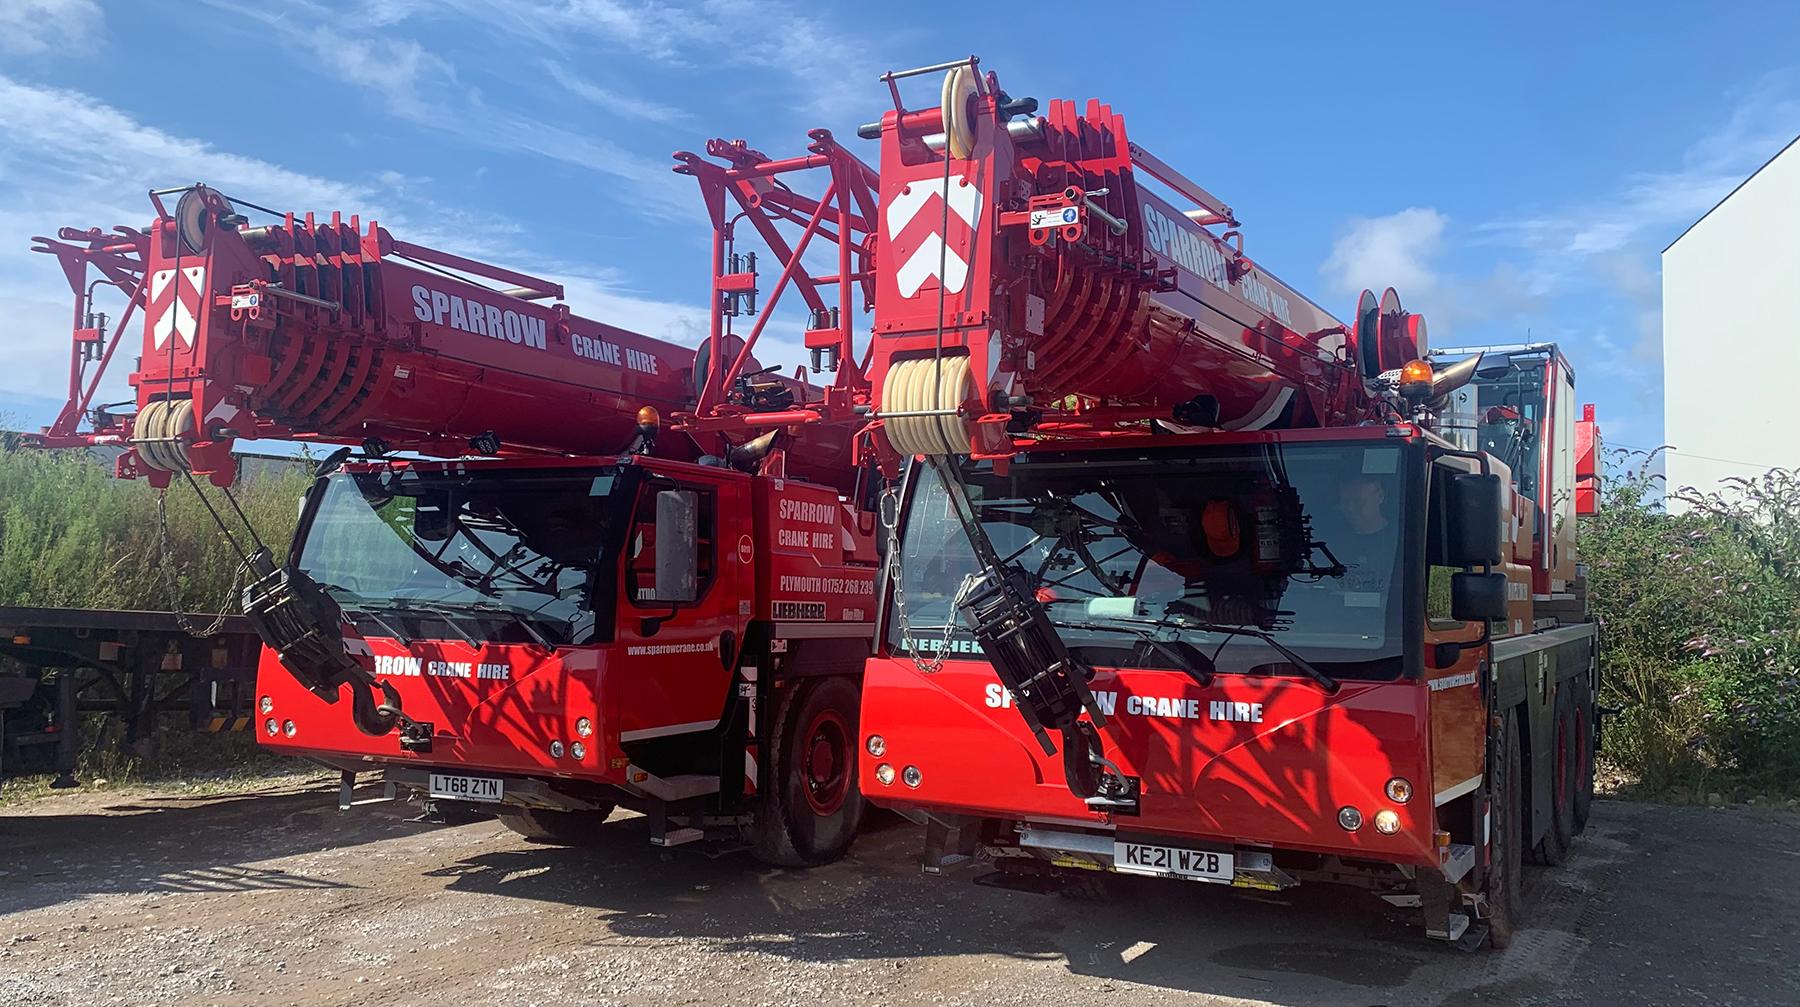 liebherr-1060-3.1-crane-hire